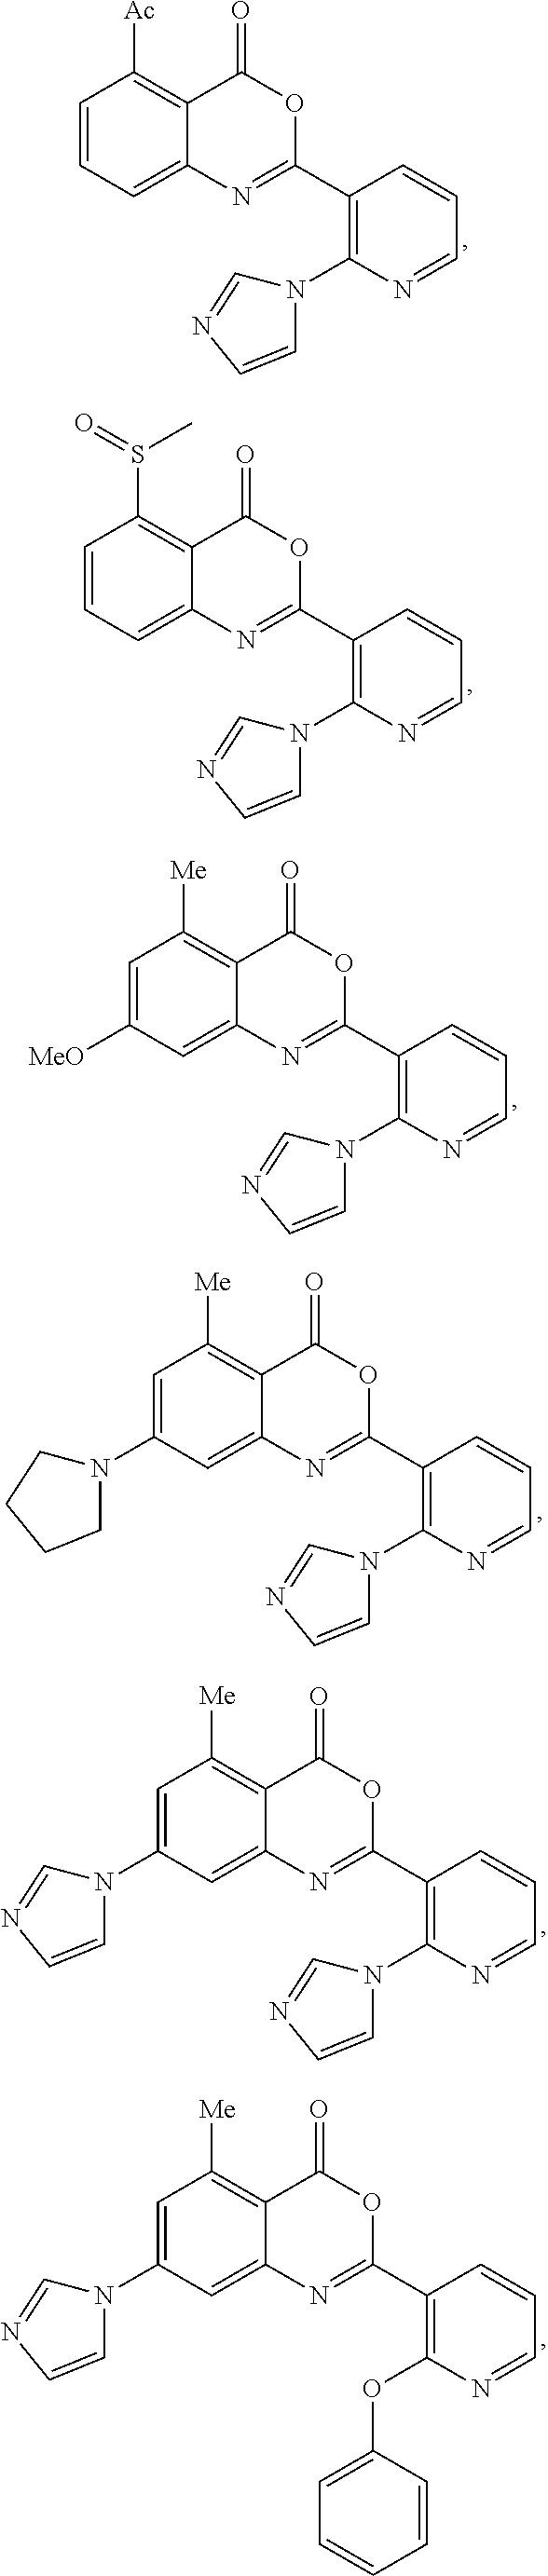 Figure US07879846-20110201-C00036